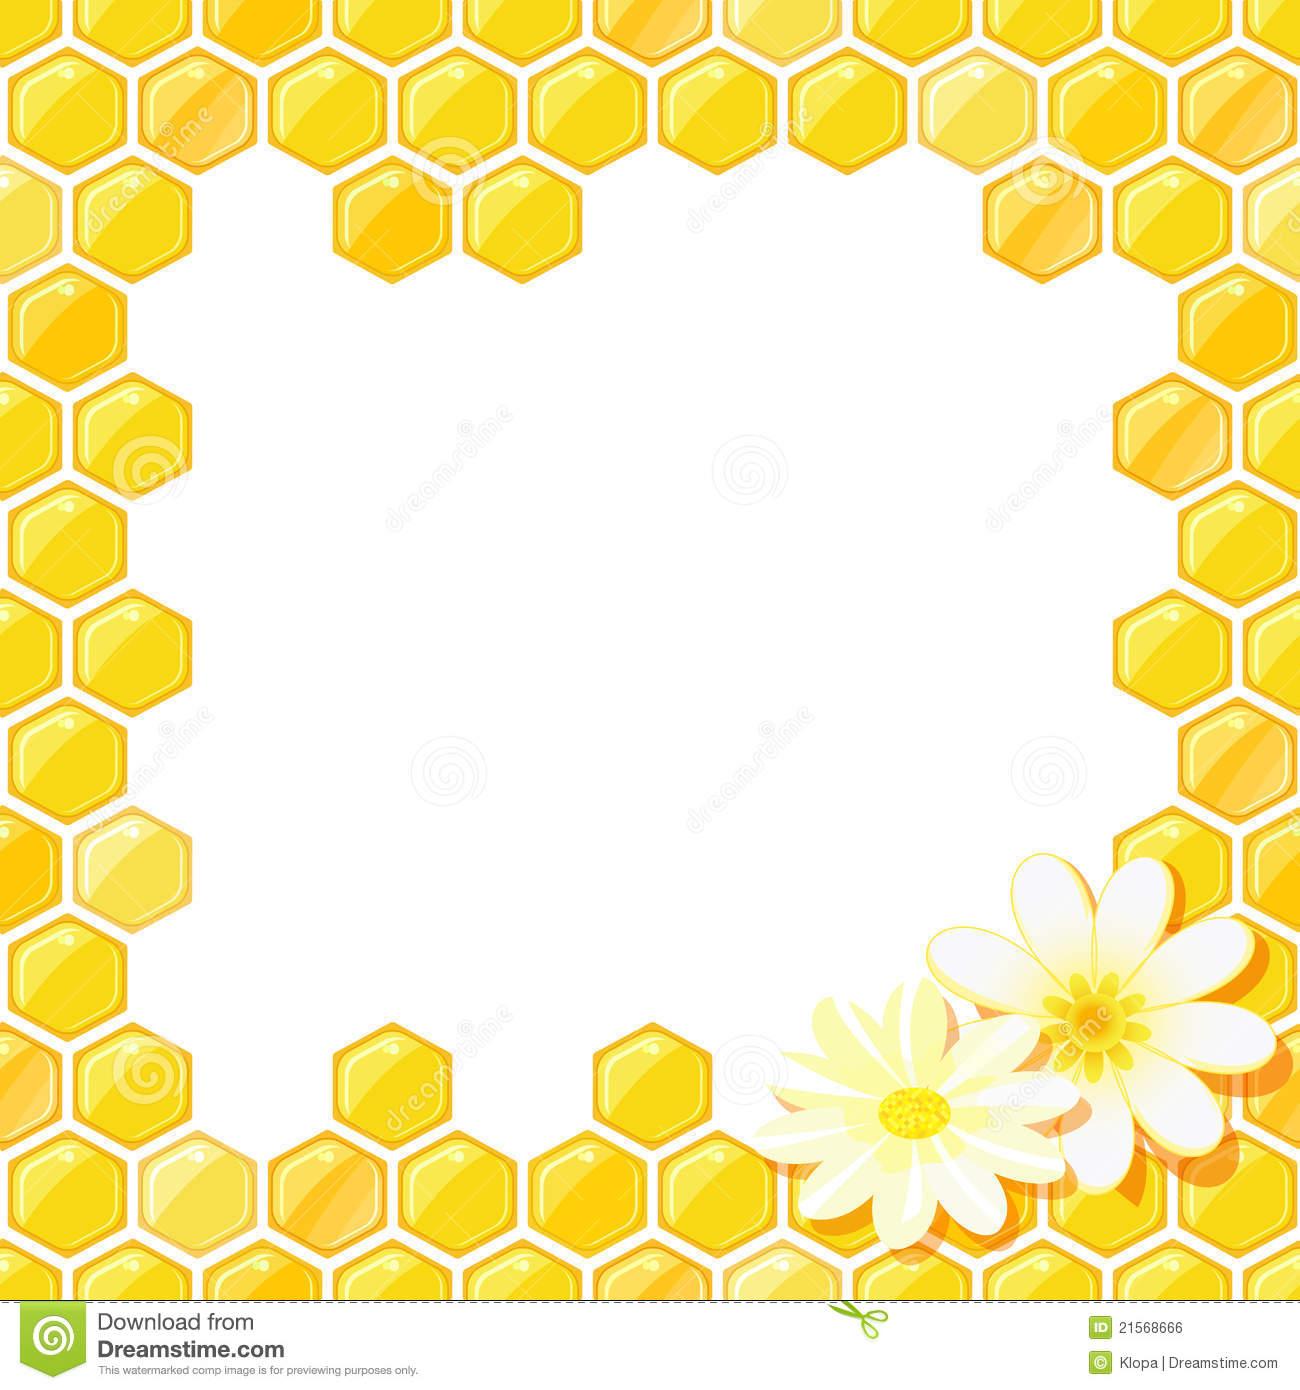 Honeycomb Border Clip Art.